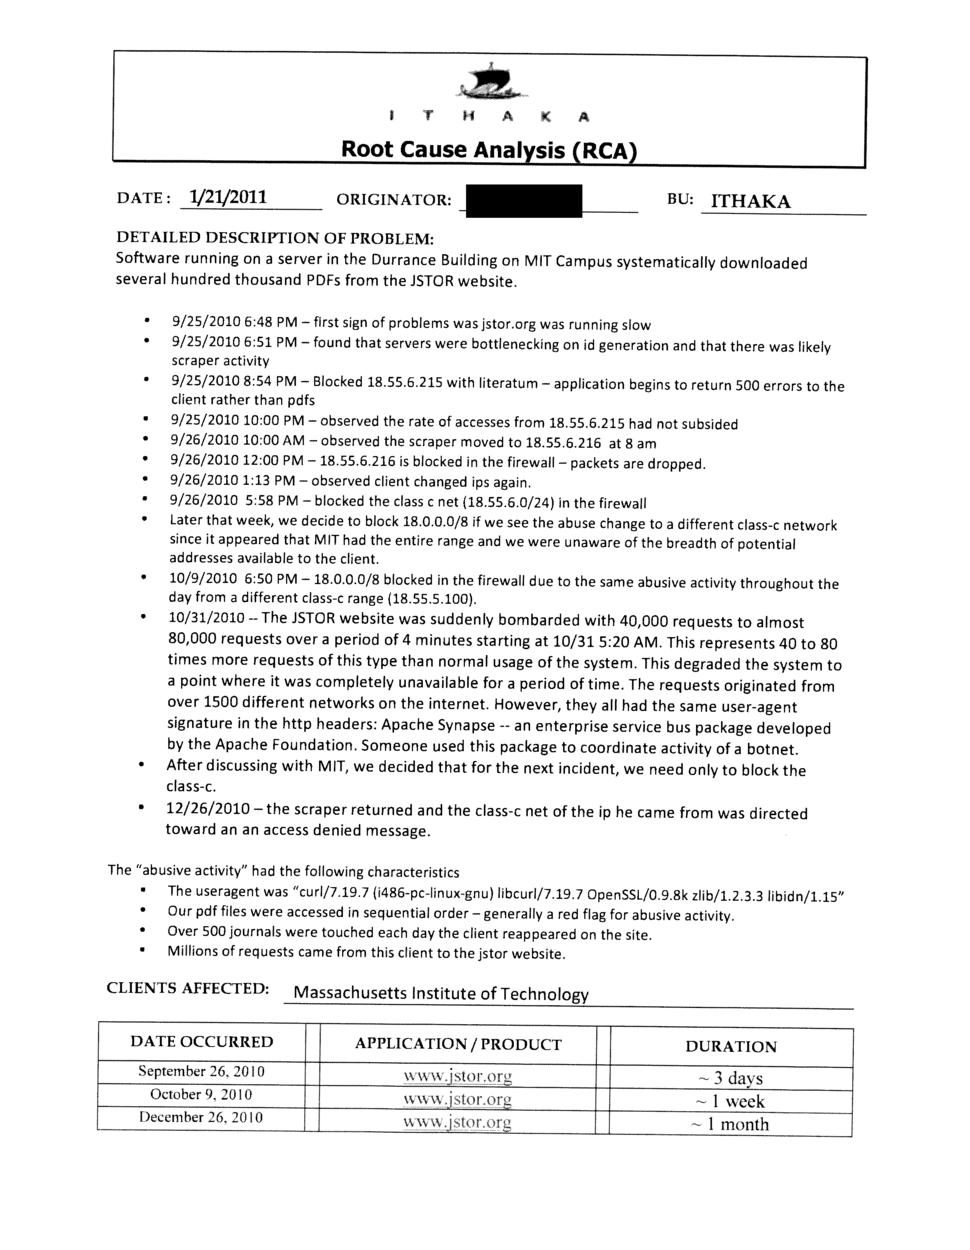 Swartz-jstor-evidence-pdf-page-3142